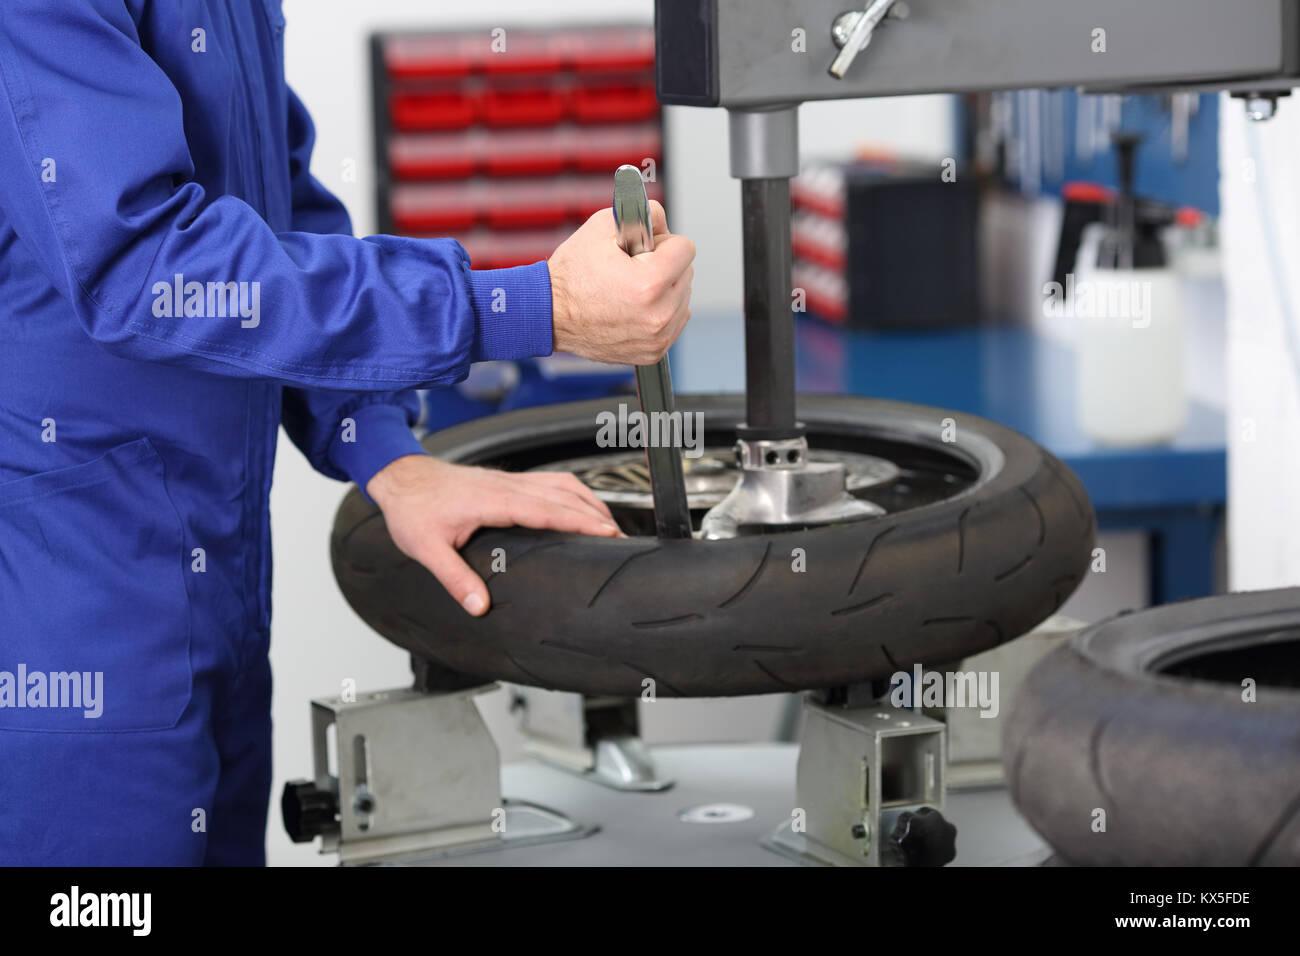 Motorrad Mechaniker Demontage eines alten Reifen in einer mechanischen Werkstatt Stockbild